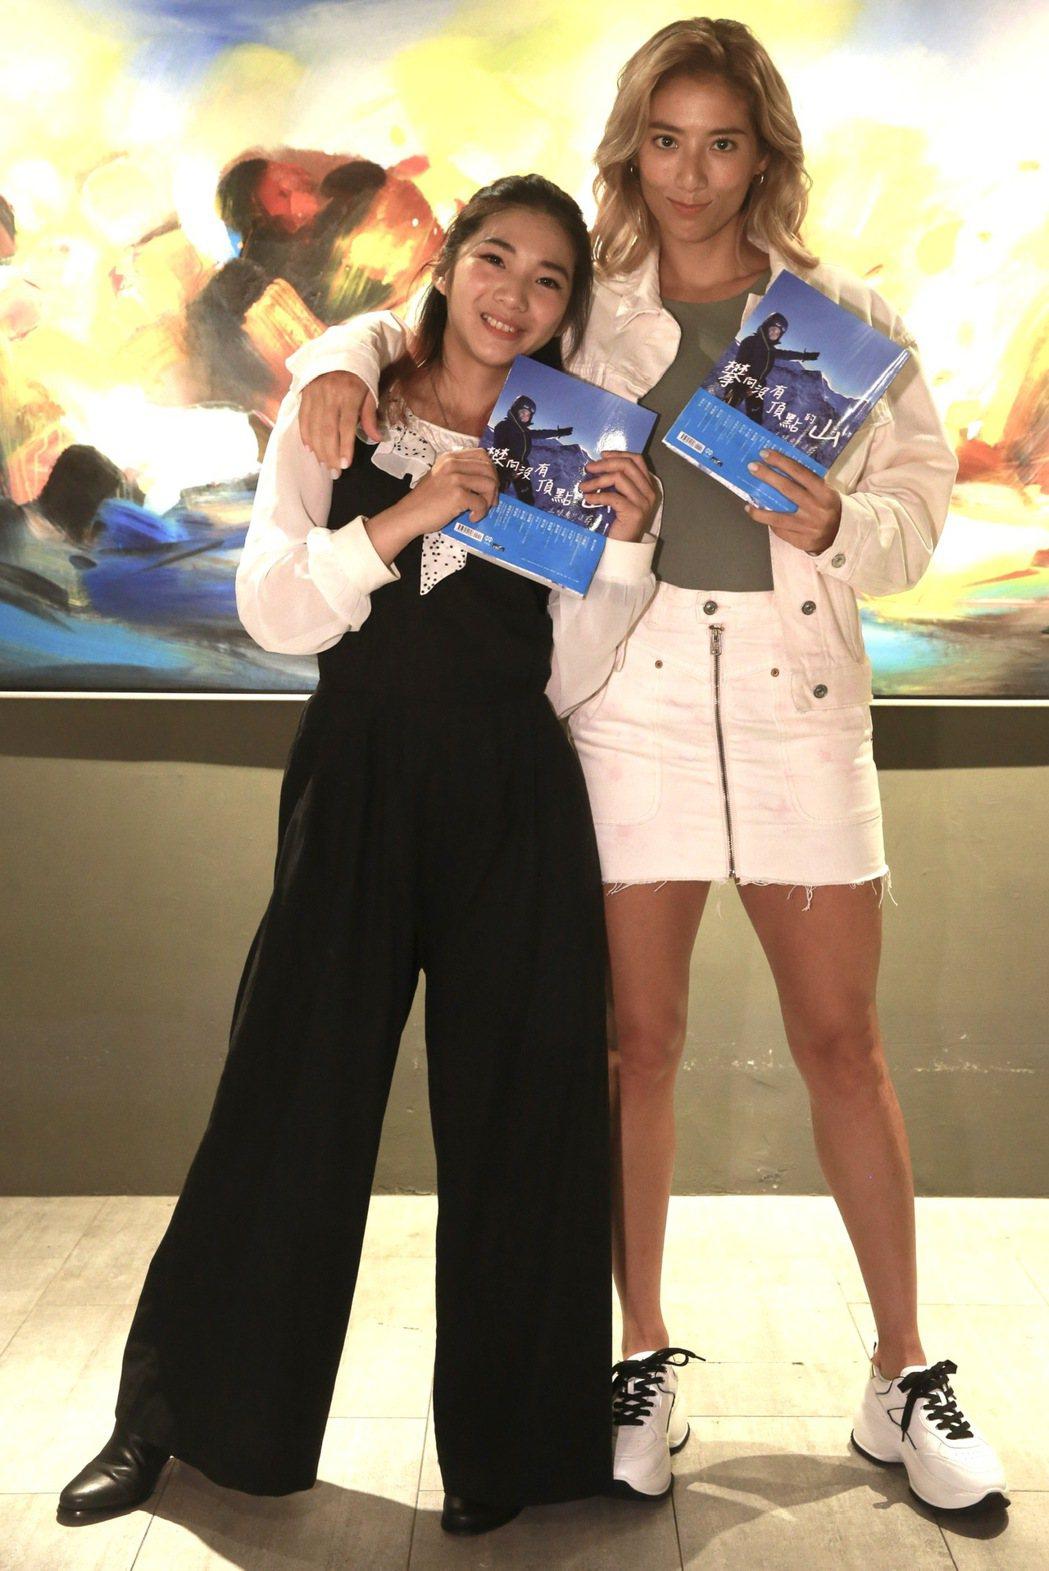 藝人詹喬愉(左)出新書「攀向沒有頂的山」,瑞瑪席丹(右)站台。記者黃義書/攝影